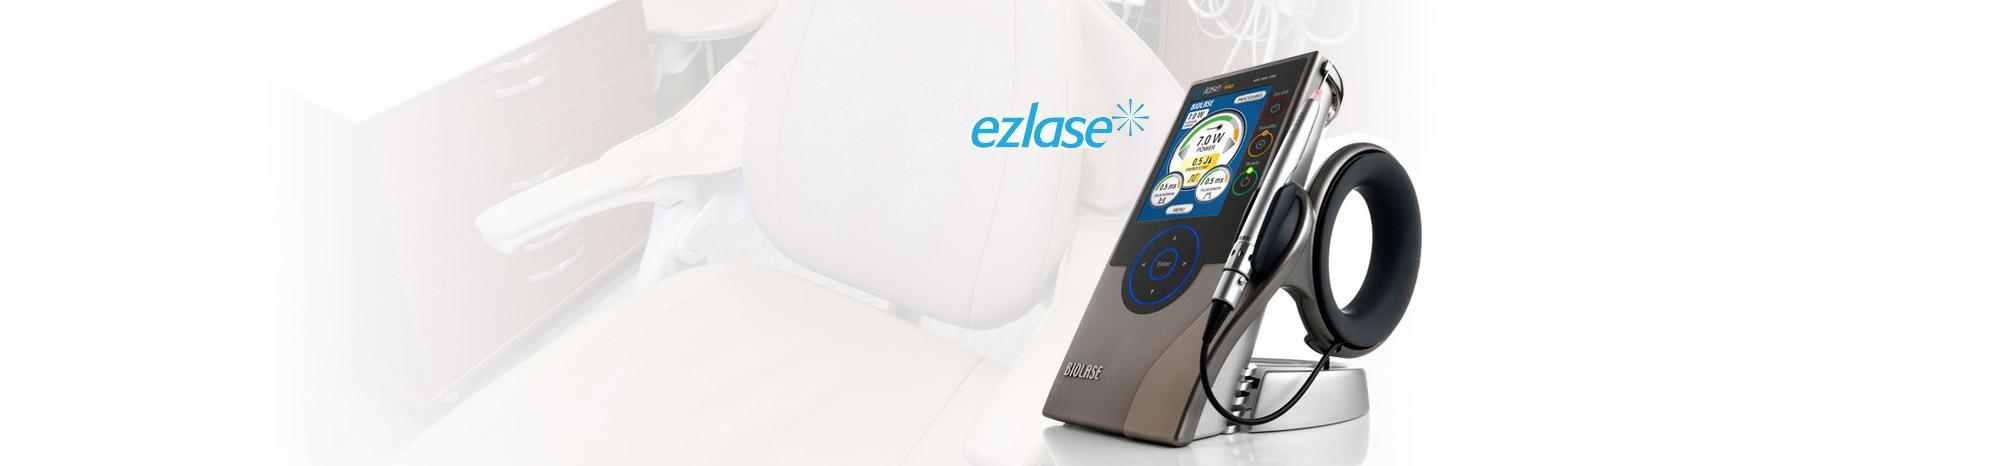 EZ-laze